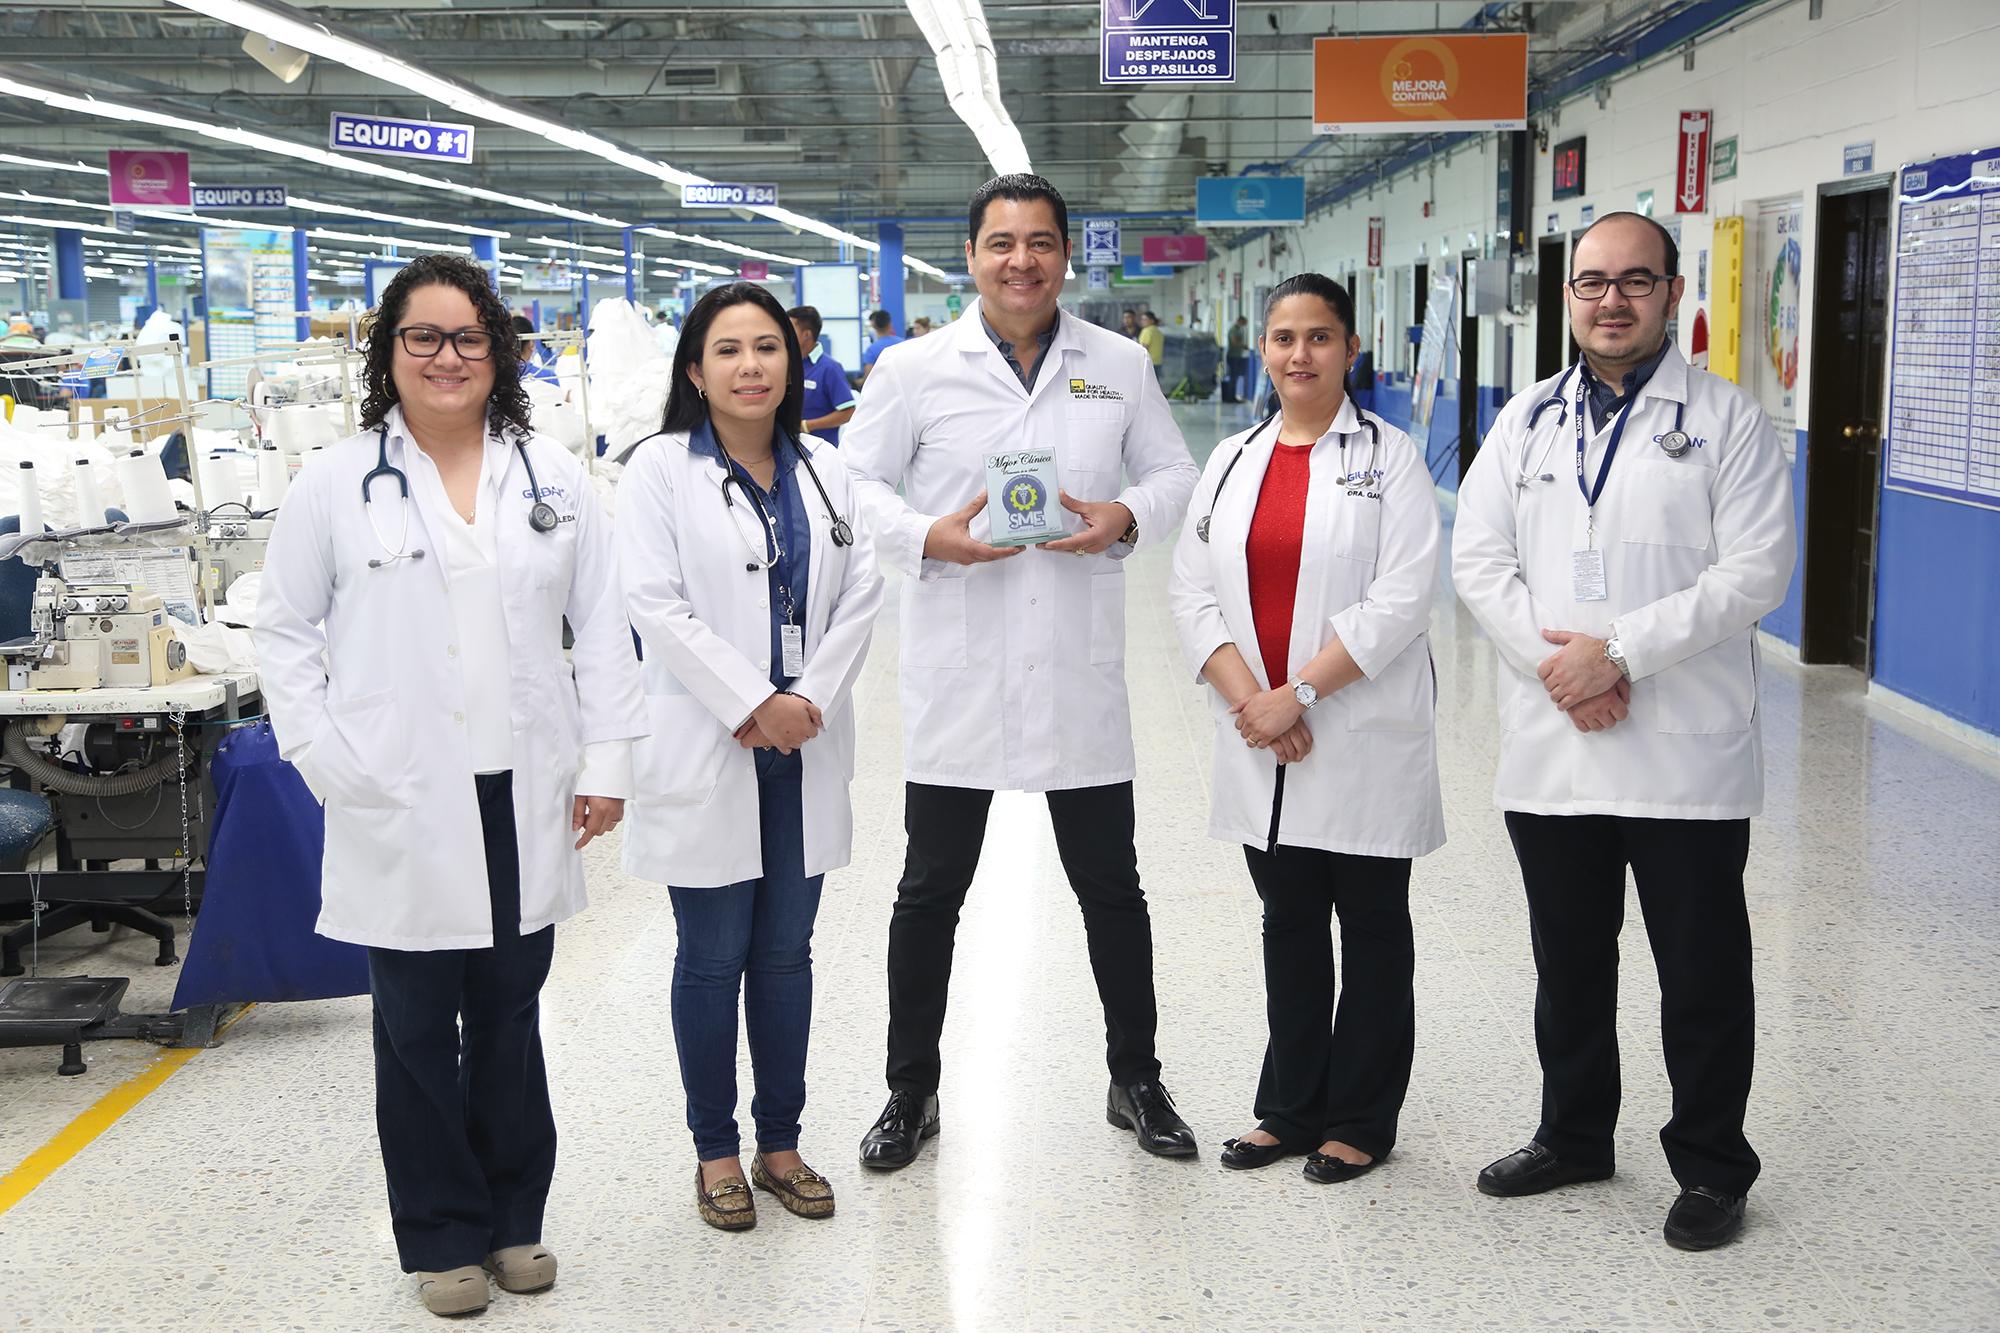 Clínica de Gildan San Antonio, la mejor en promoción de salud